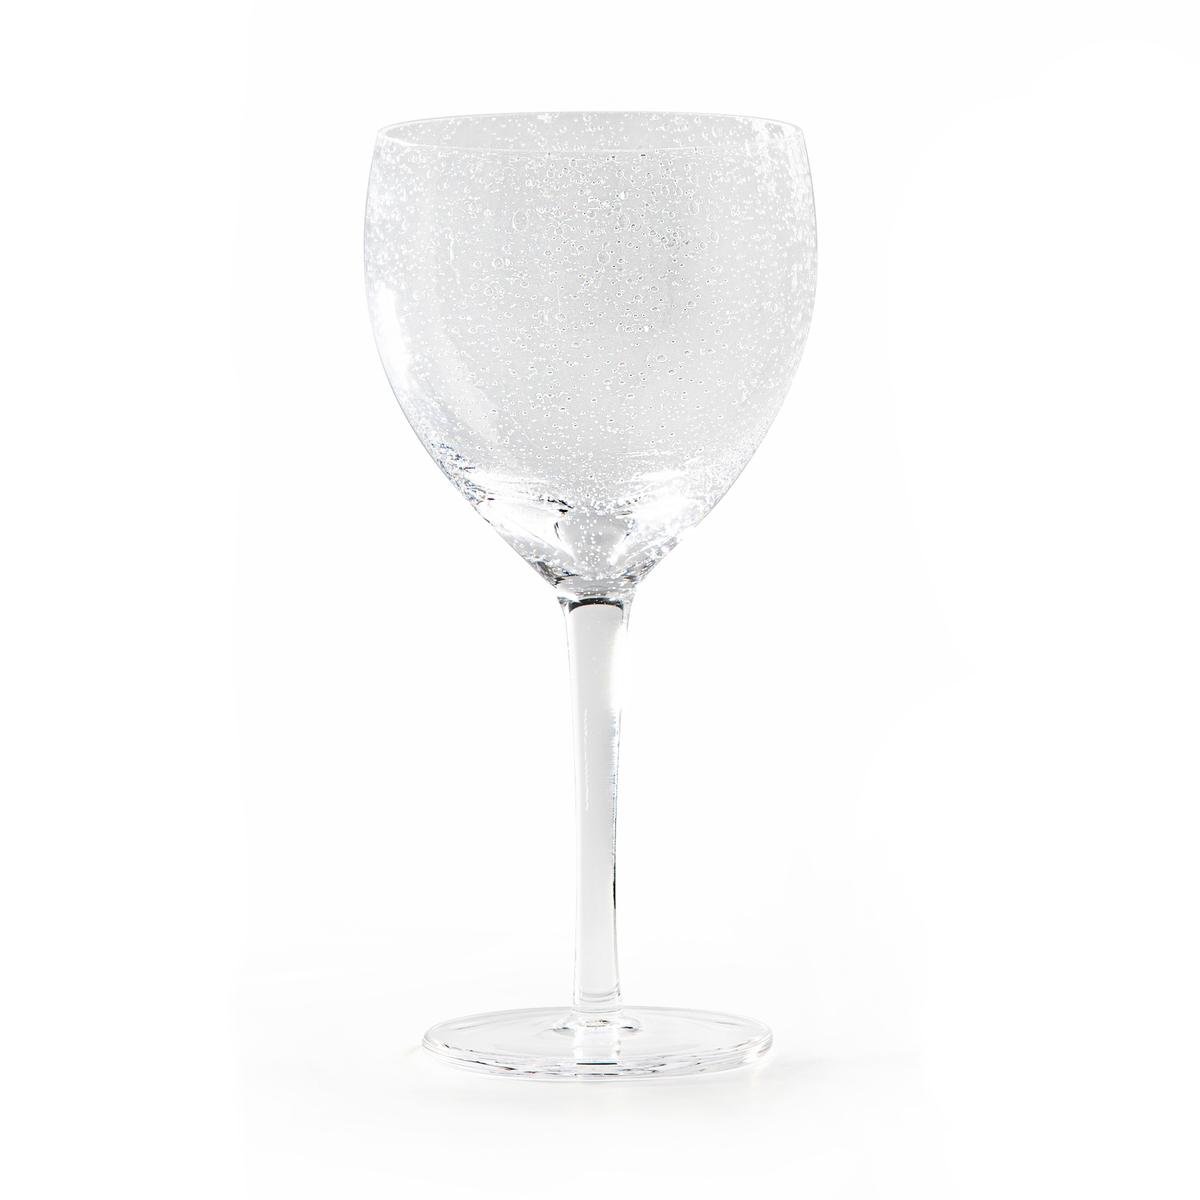 Бокала La Redoute Для воды ARMOY единый размер другие бокала la redoute для шампанского lurik единый размер другие